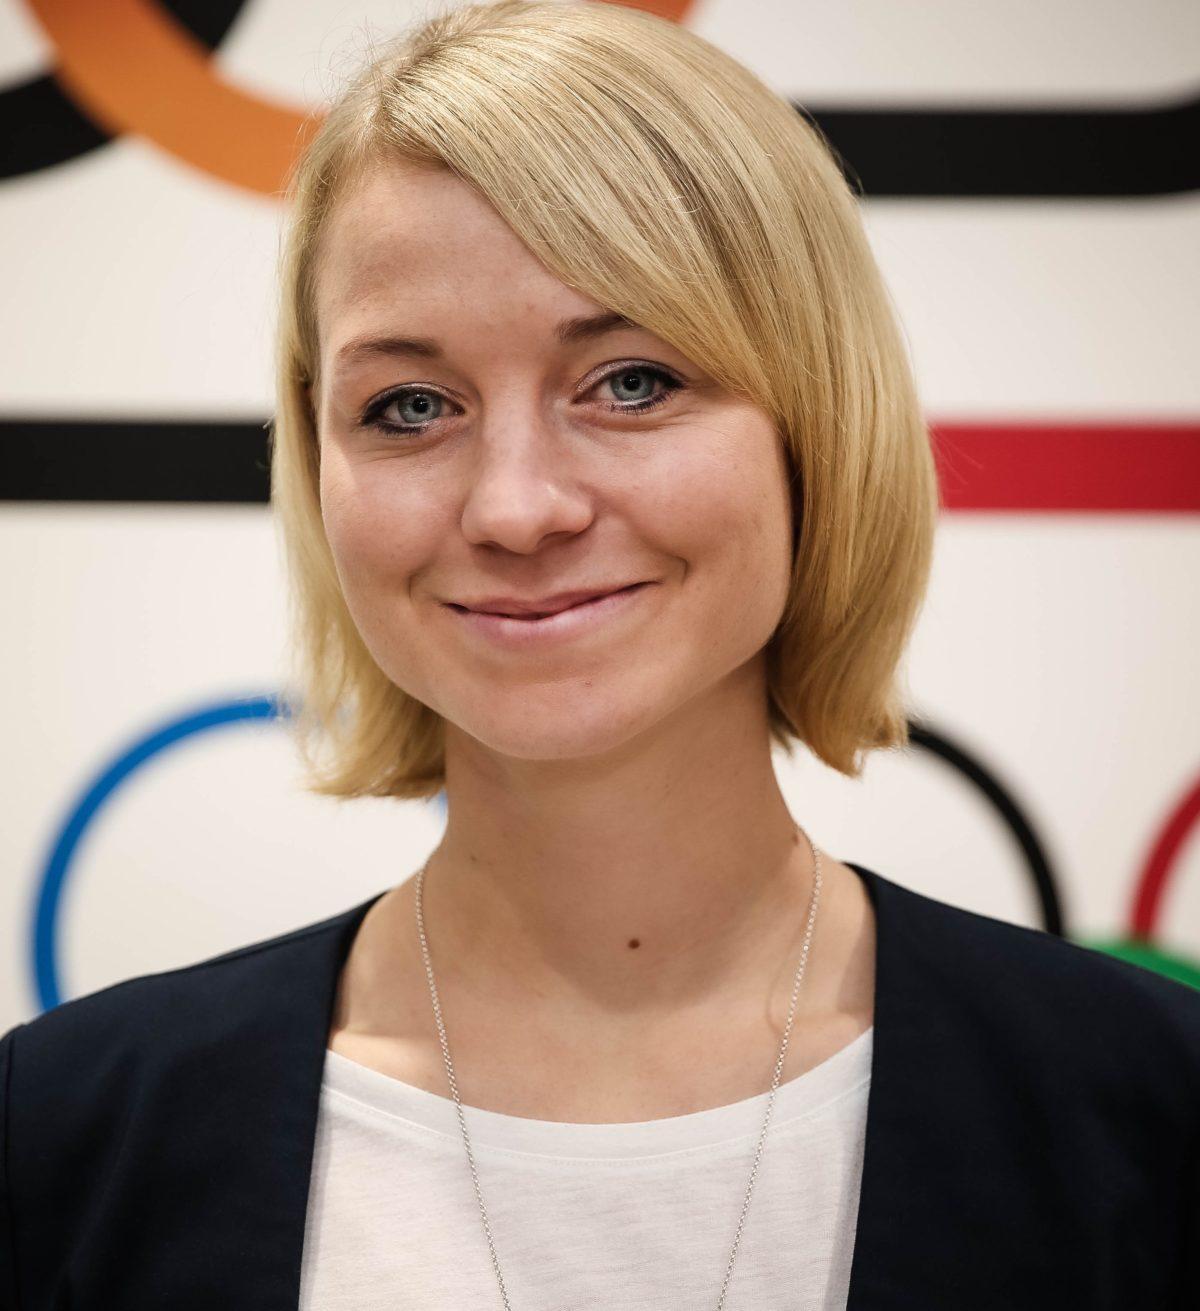 Eva Zehnder